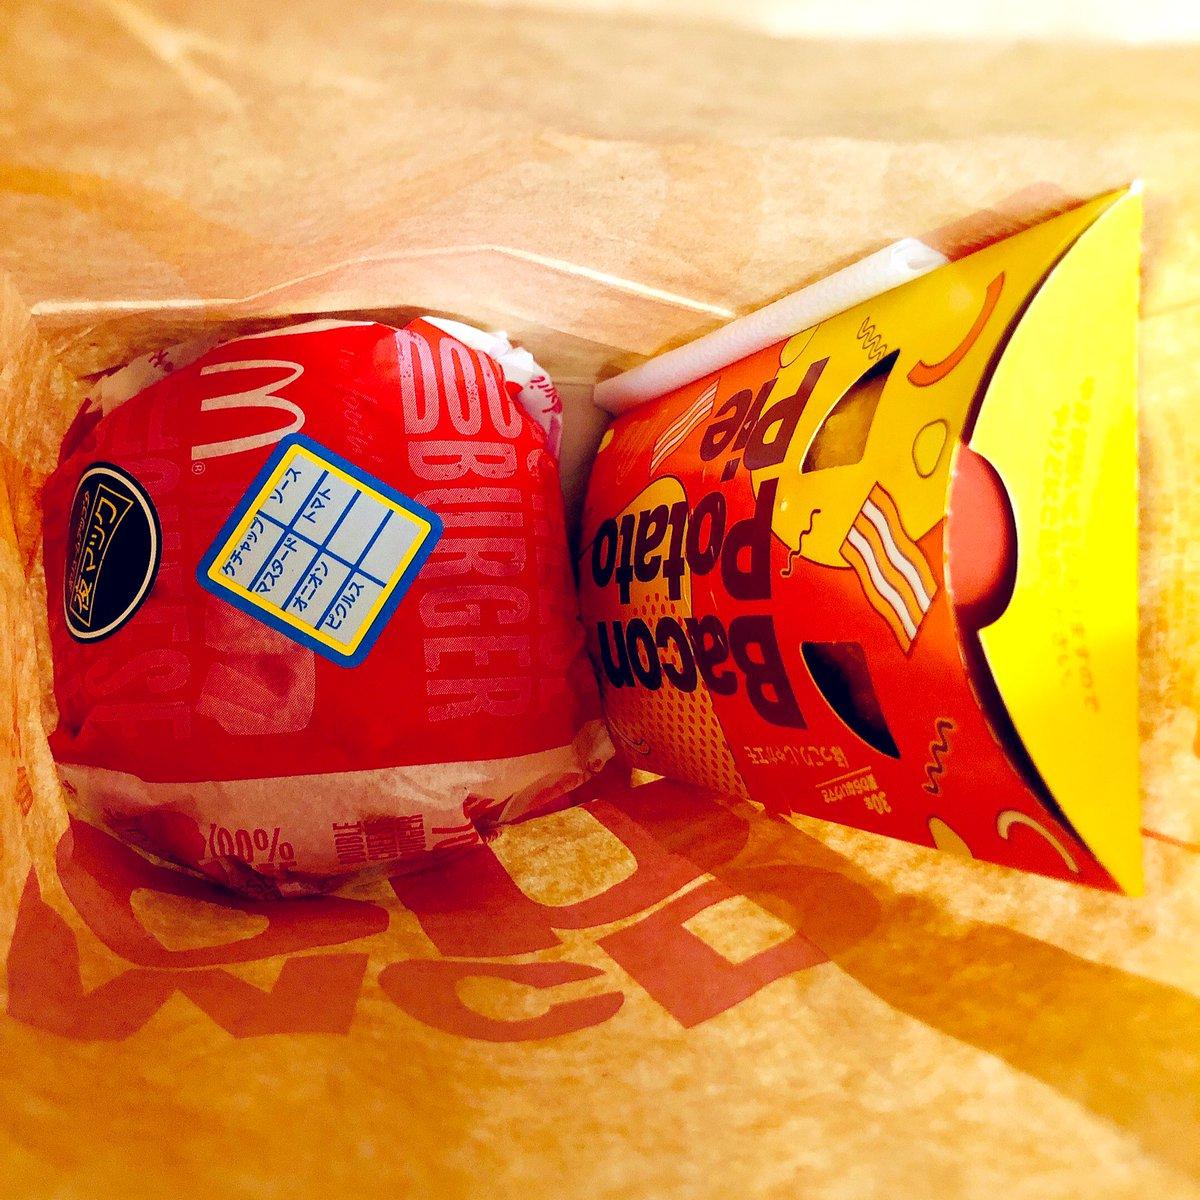 test ツイッターメディア - 昨日夜買った【ダブルチーズバーガー夜マック】と【ベーコントマト肉厚ビーフ】食べようと思って袋空けたらwww  【ベーコントマト肉厚ビーフ】が入っておらずwww【ベーコンポテトパイ】が入っていたwww  店舗に事情話したら全部作り直してくれたwww 昼なのに夜マック対応してくれたwww https://t.co/PDhs175mjr